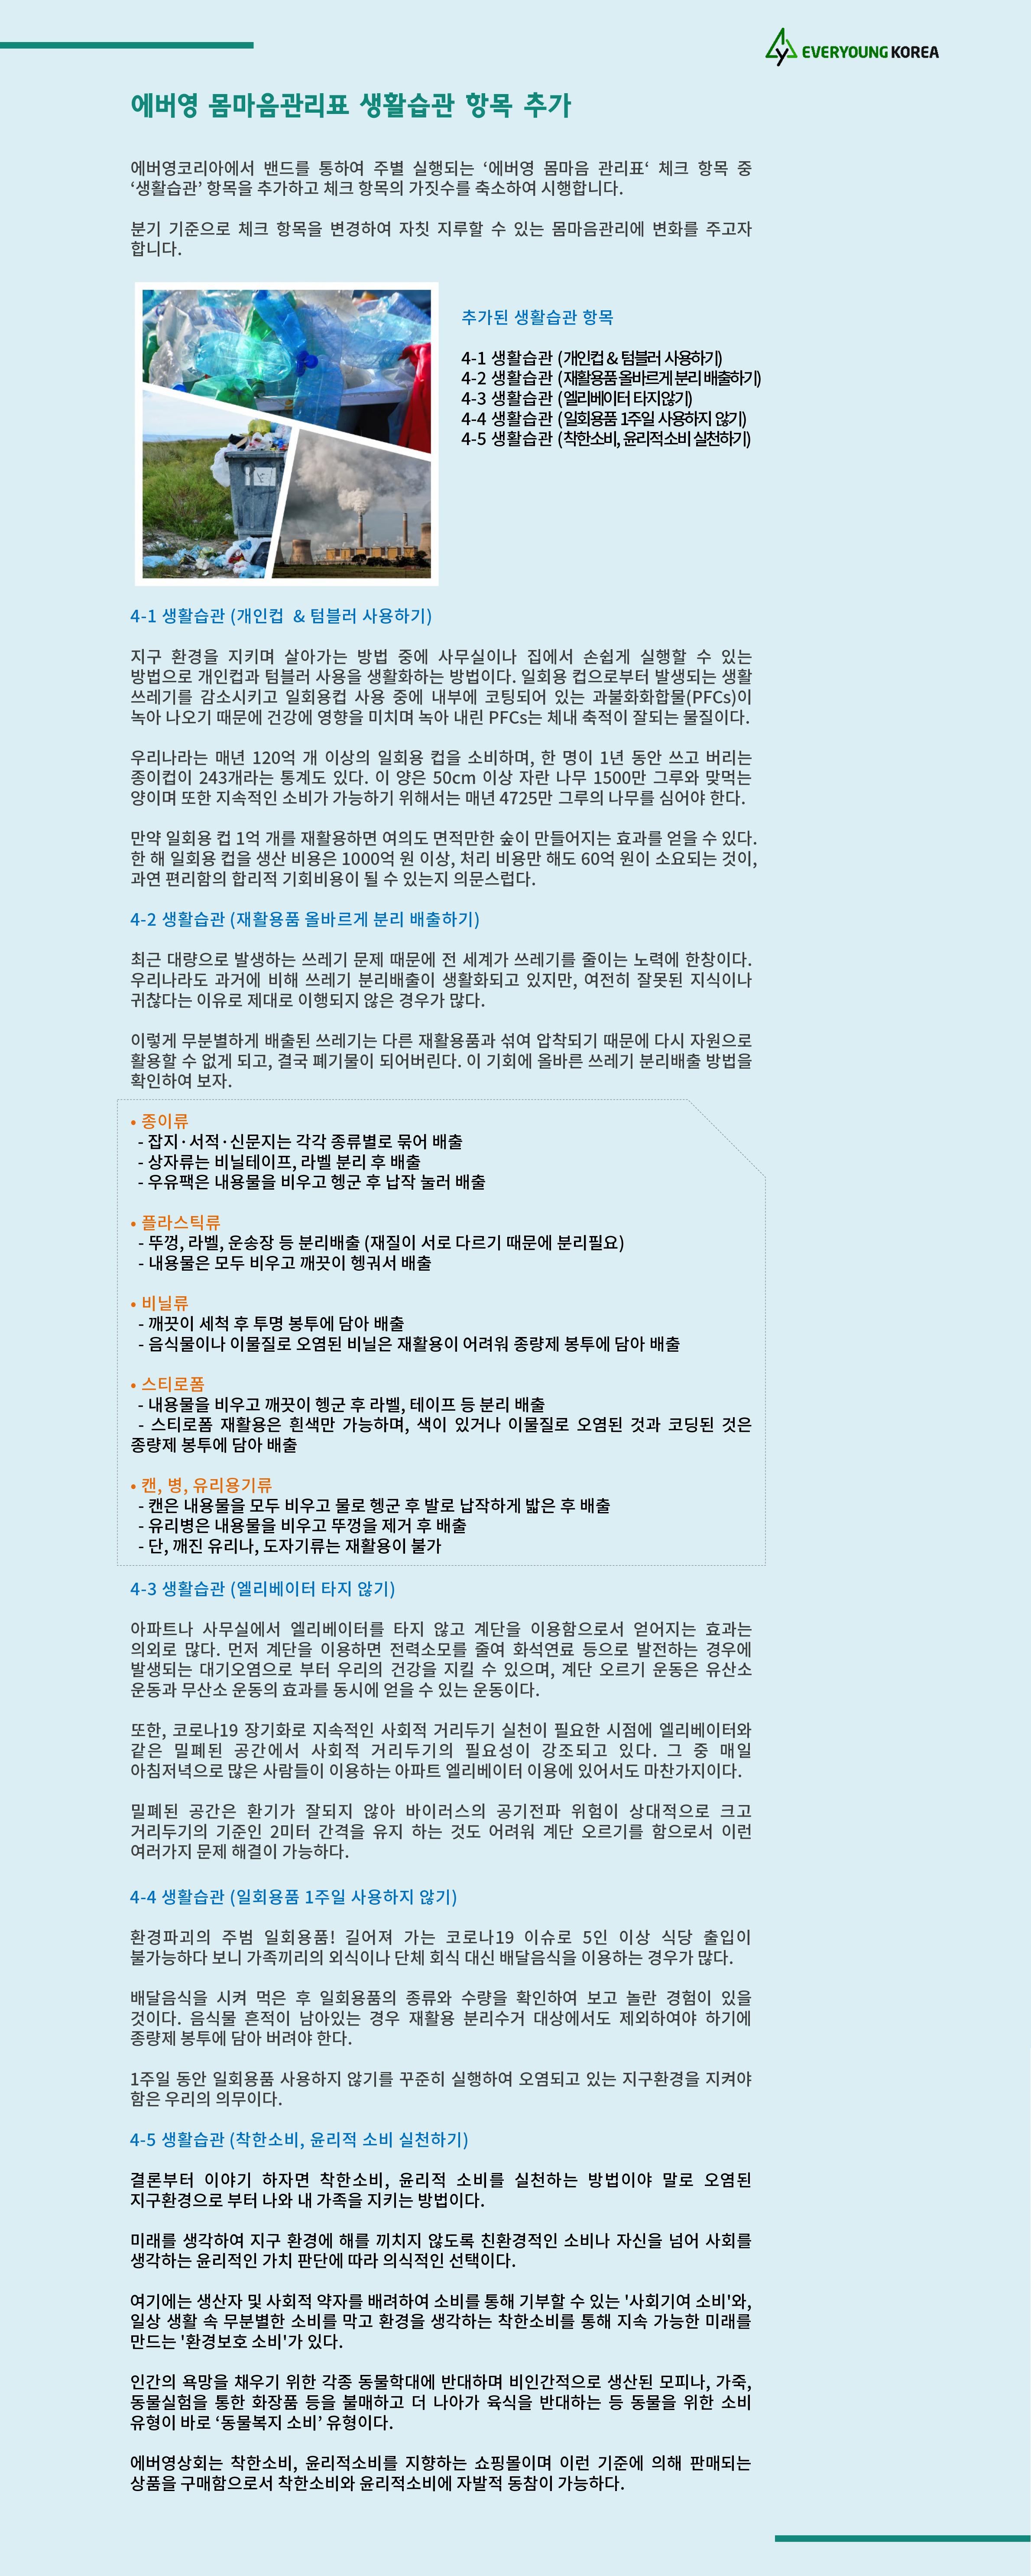 몸마음관리표_생활습관추가_20210408.png